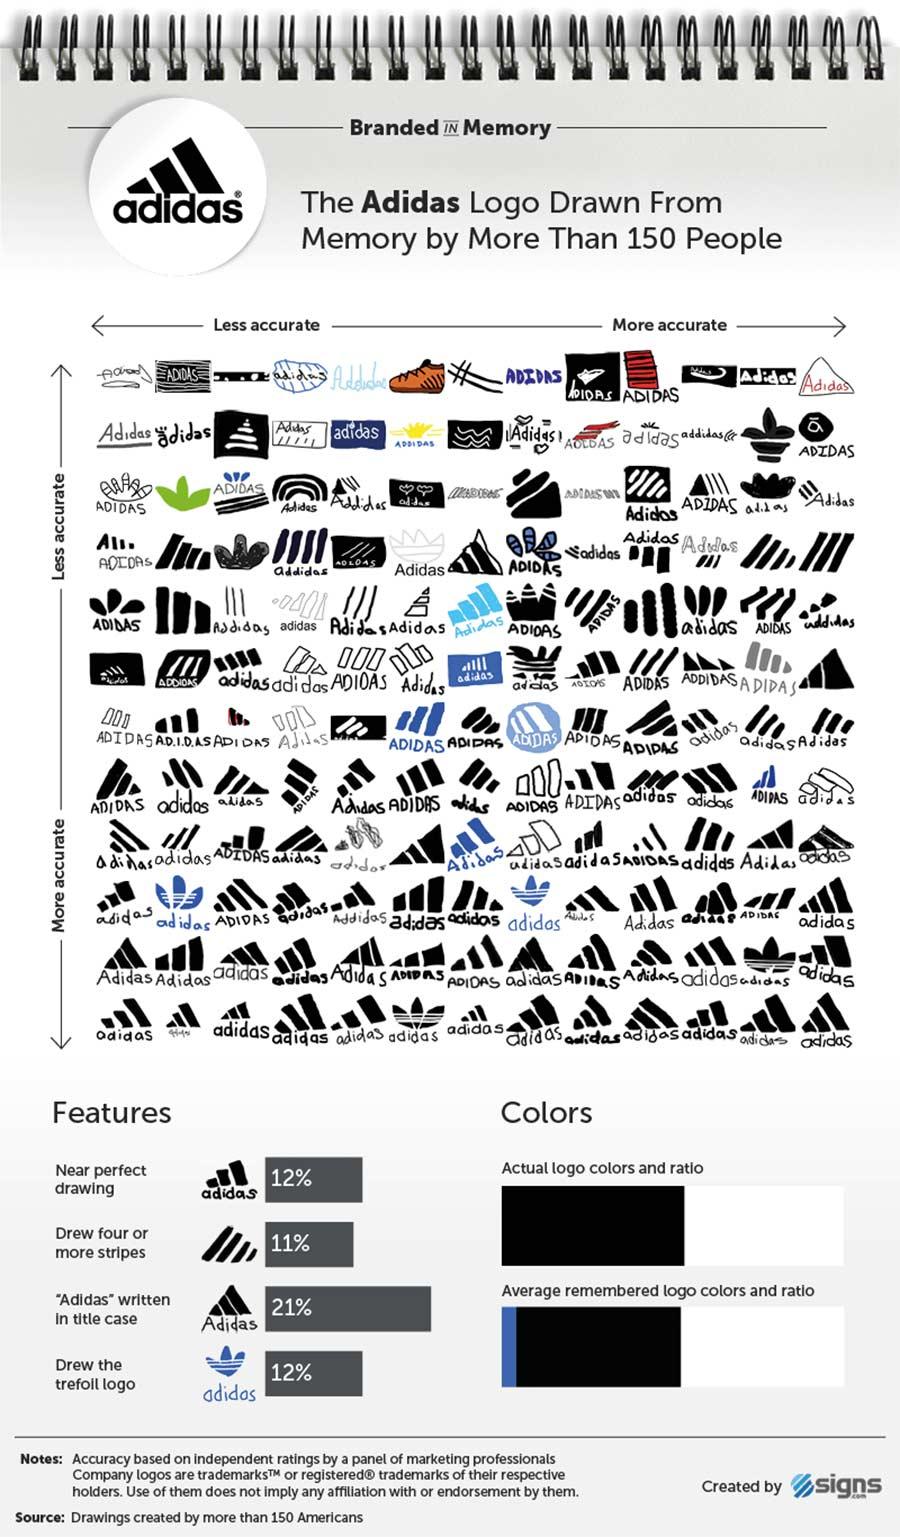 Wenn 156 Leute versuchen, Logos zu malen branded-in-memory-markenlogos-nachgemalt_03